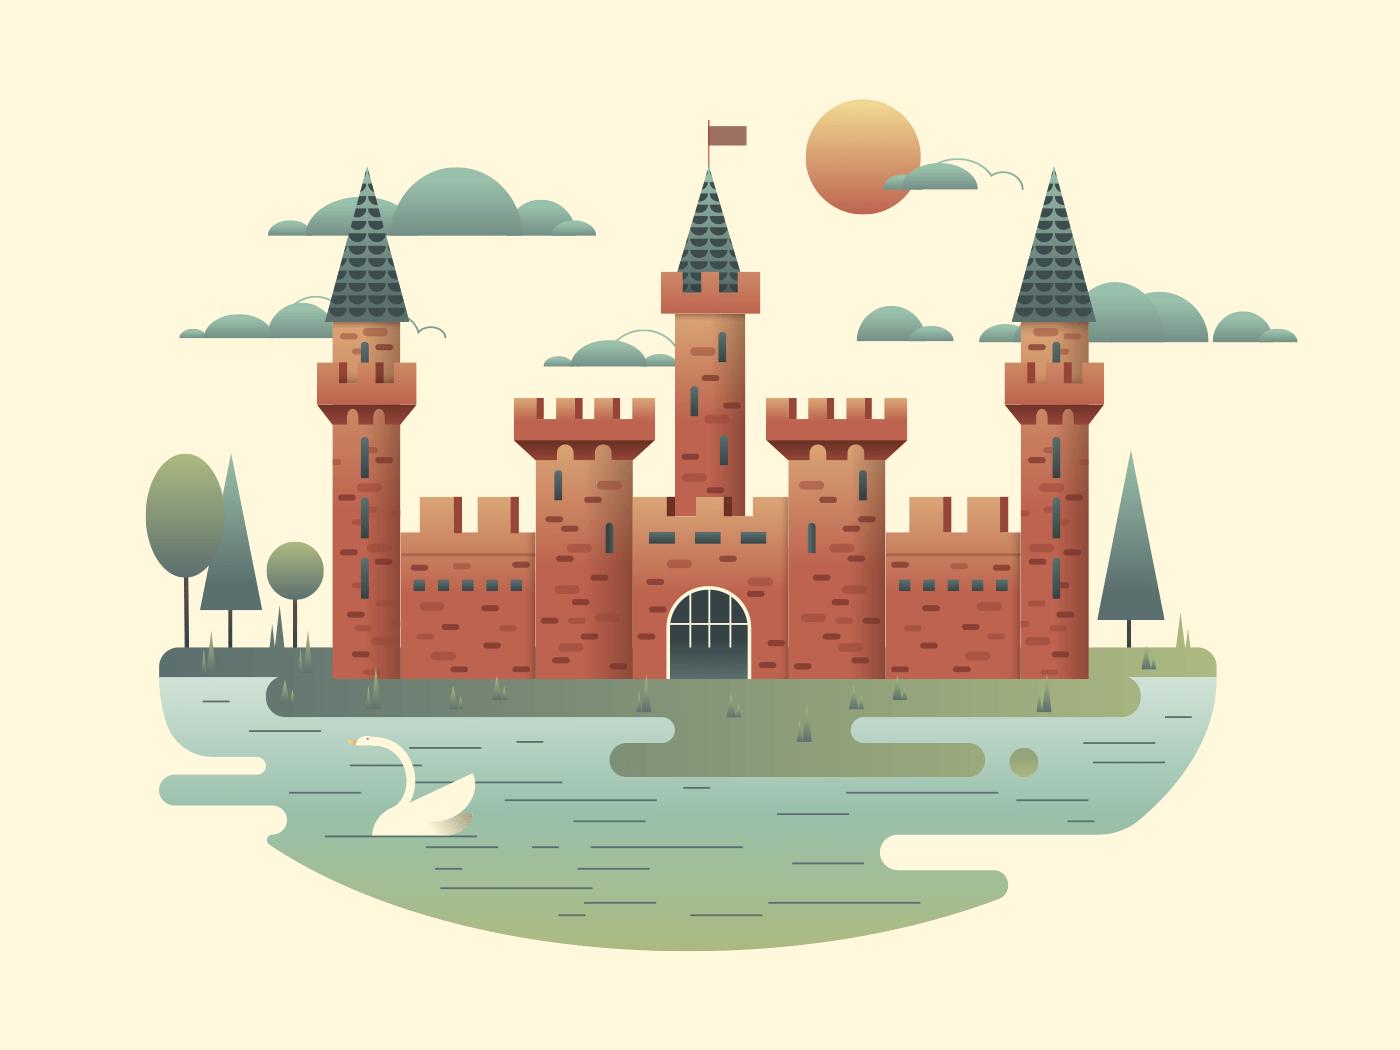 Castle design illustration